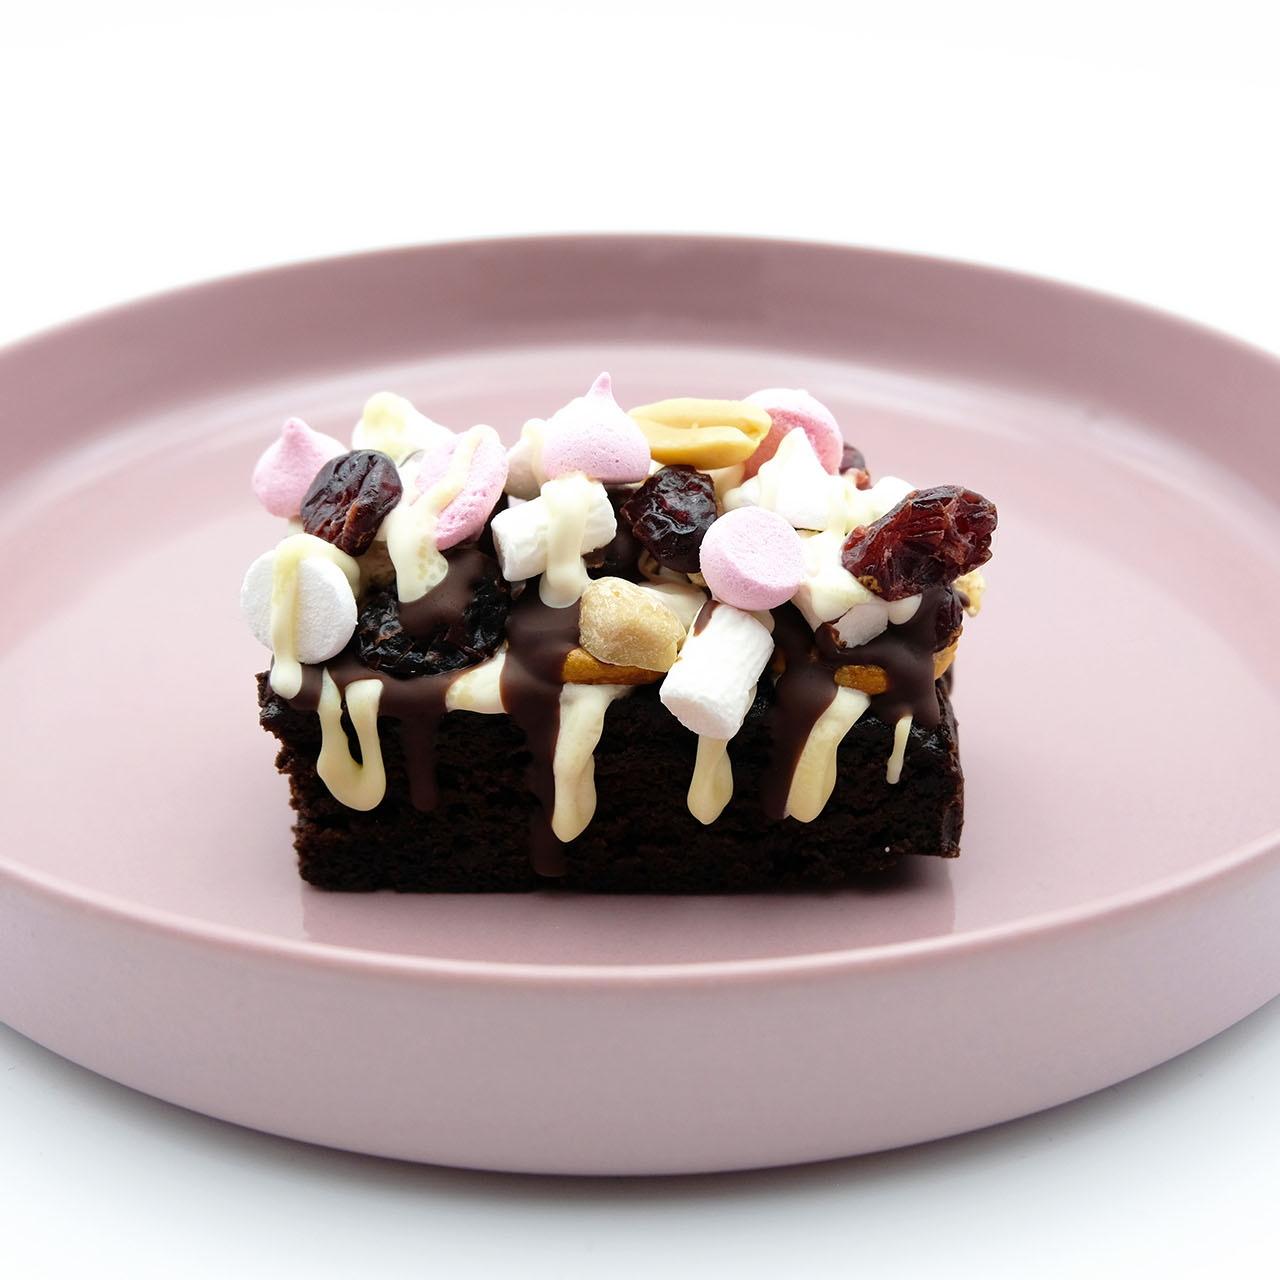 Rezept Rocky Road Brownie Popdish Foodblog Gerichte, die knallen